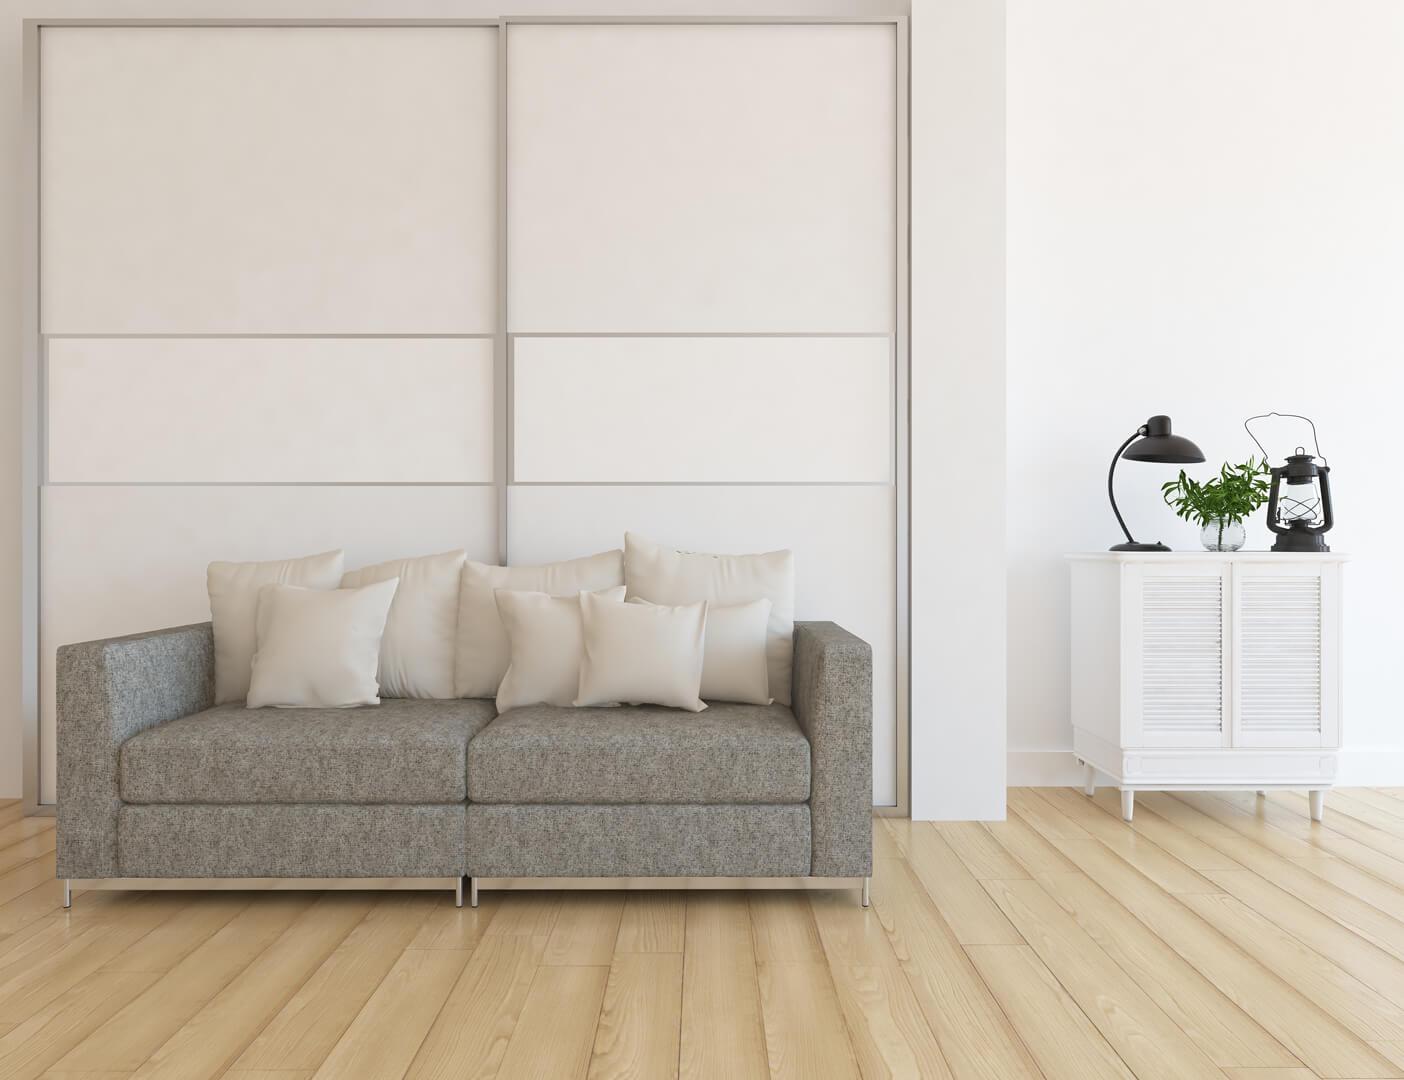 Biała szafa z białymi drzwiami przesuwnymi w pokoju